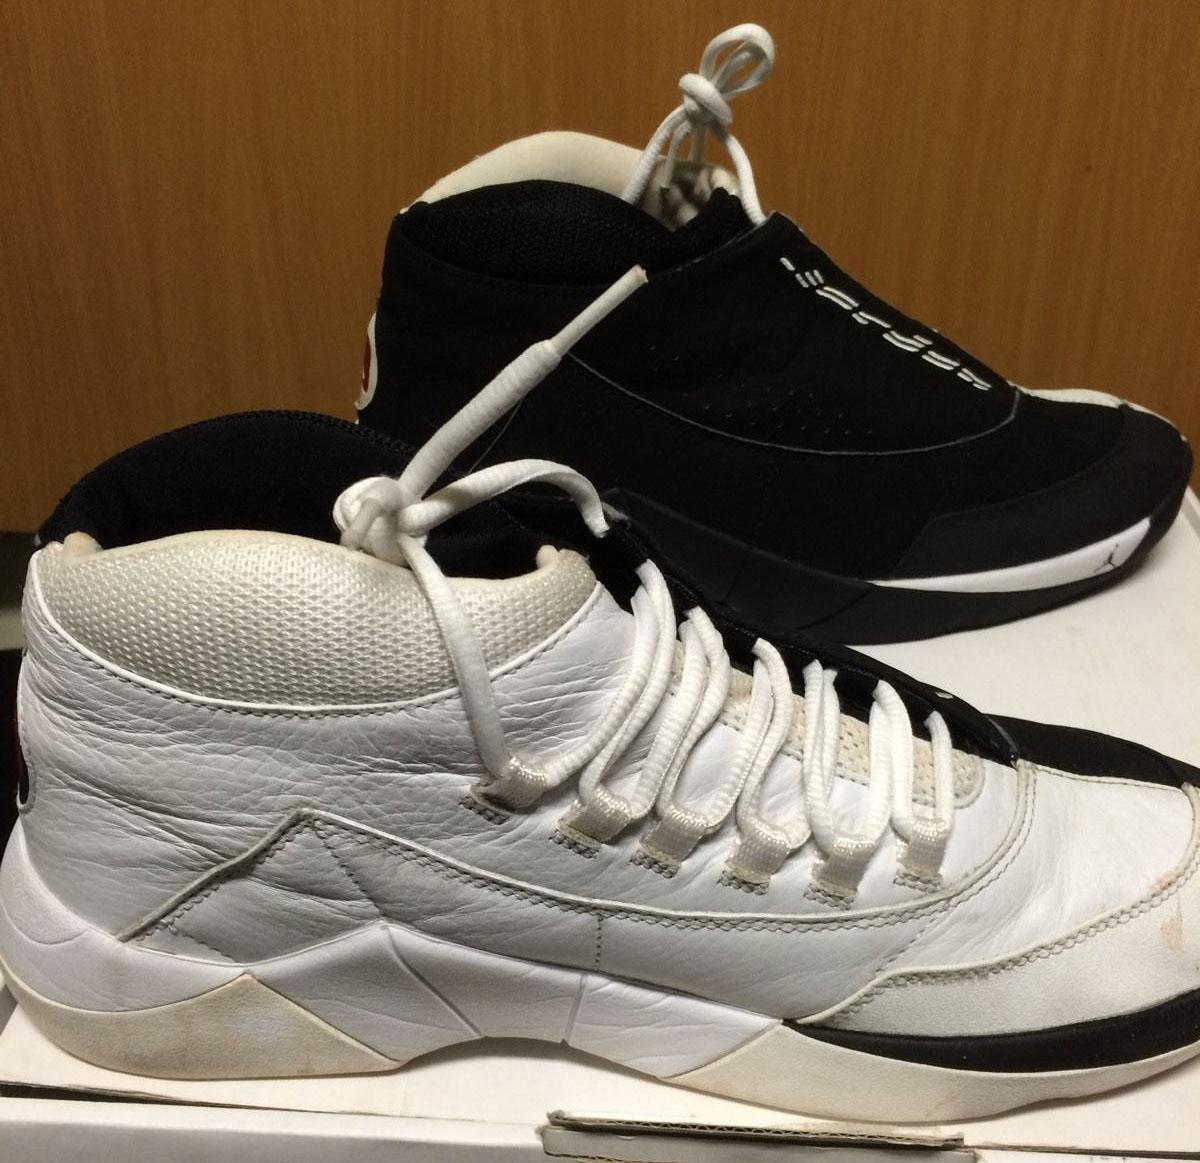 on sale 9510d 4ca71 Vintage Gear  Jordan Camp 23 - Air Jordans, Release Dates   More    JordansDaily.com